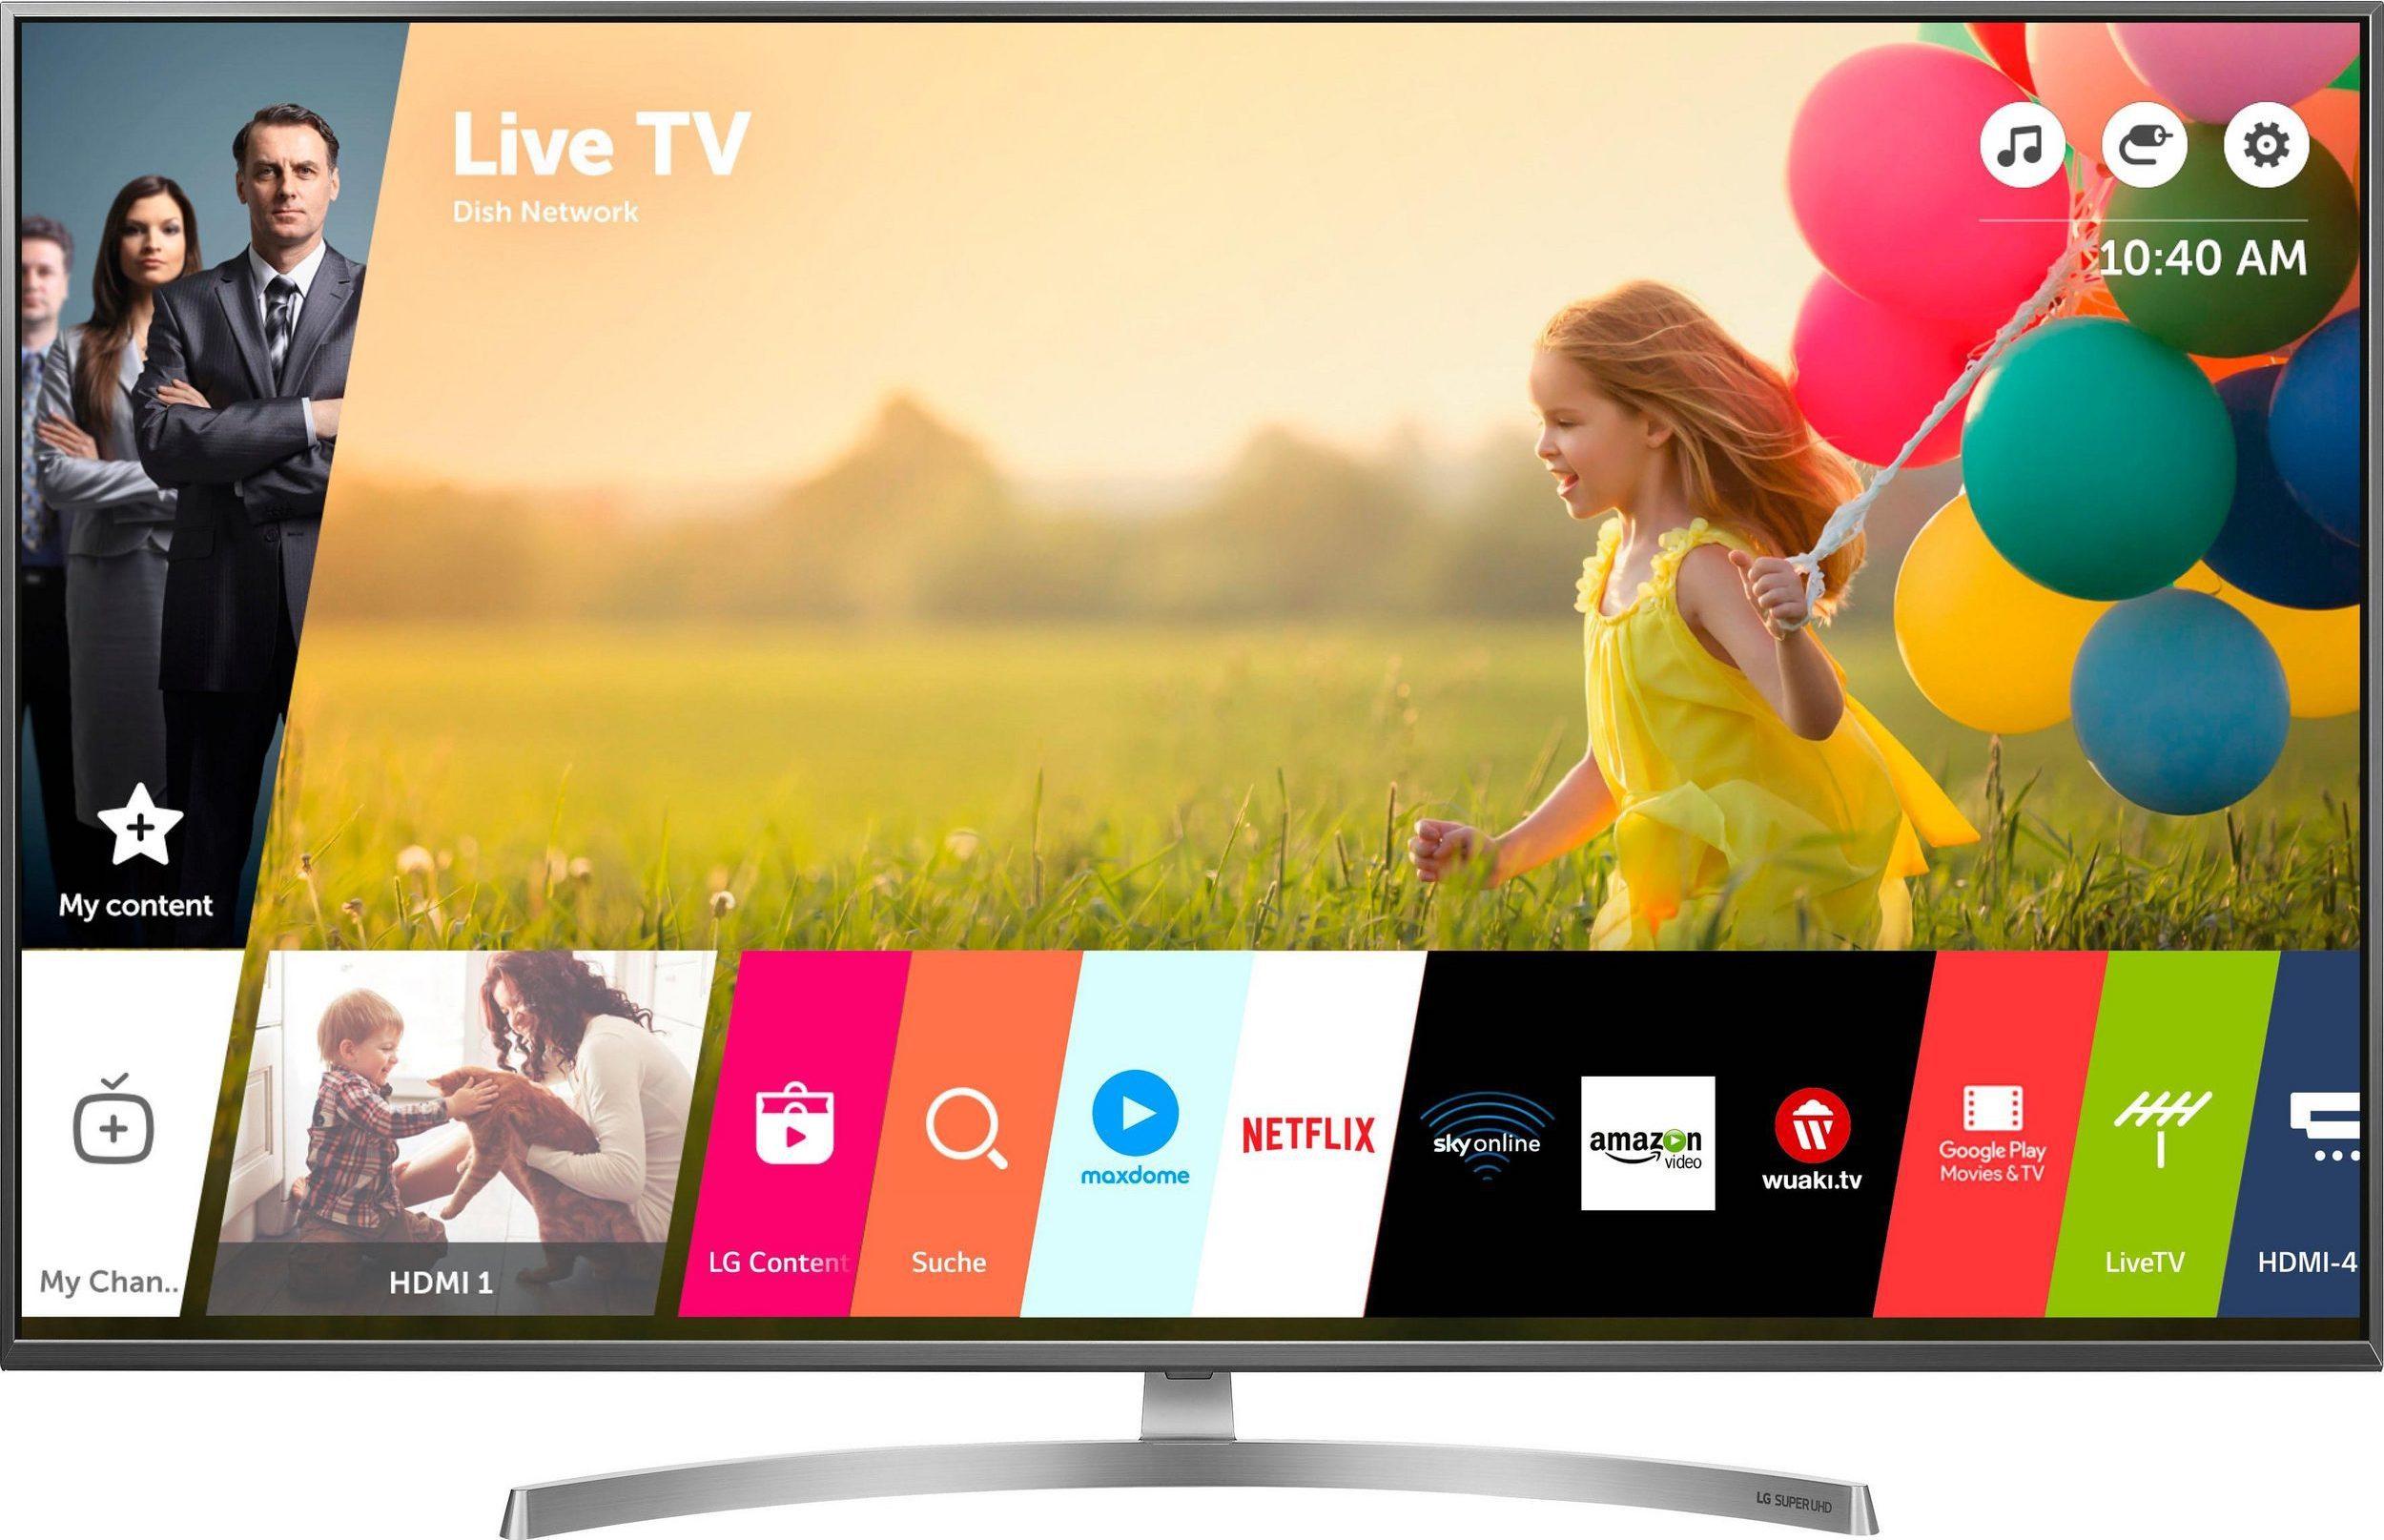 """Tagesdeals von Notebooksbilliger - LG 55SK8100 55"""" 4K UHD TV für 907,99€ (HDR10 + Dolby Vision, 100Hz nativ, 10Bit-Panel), WD My Cloud NAS Home Duo 12 TB für 279,99€"""